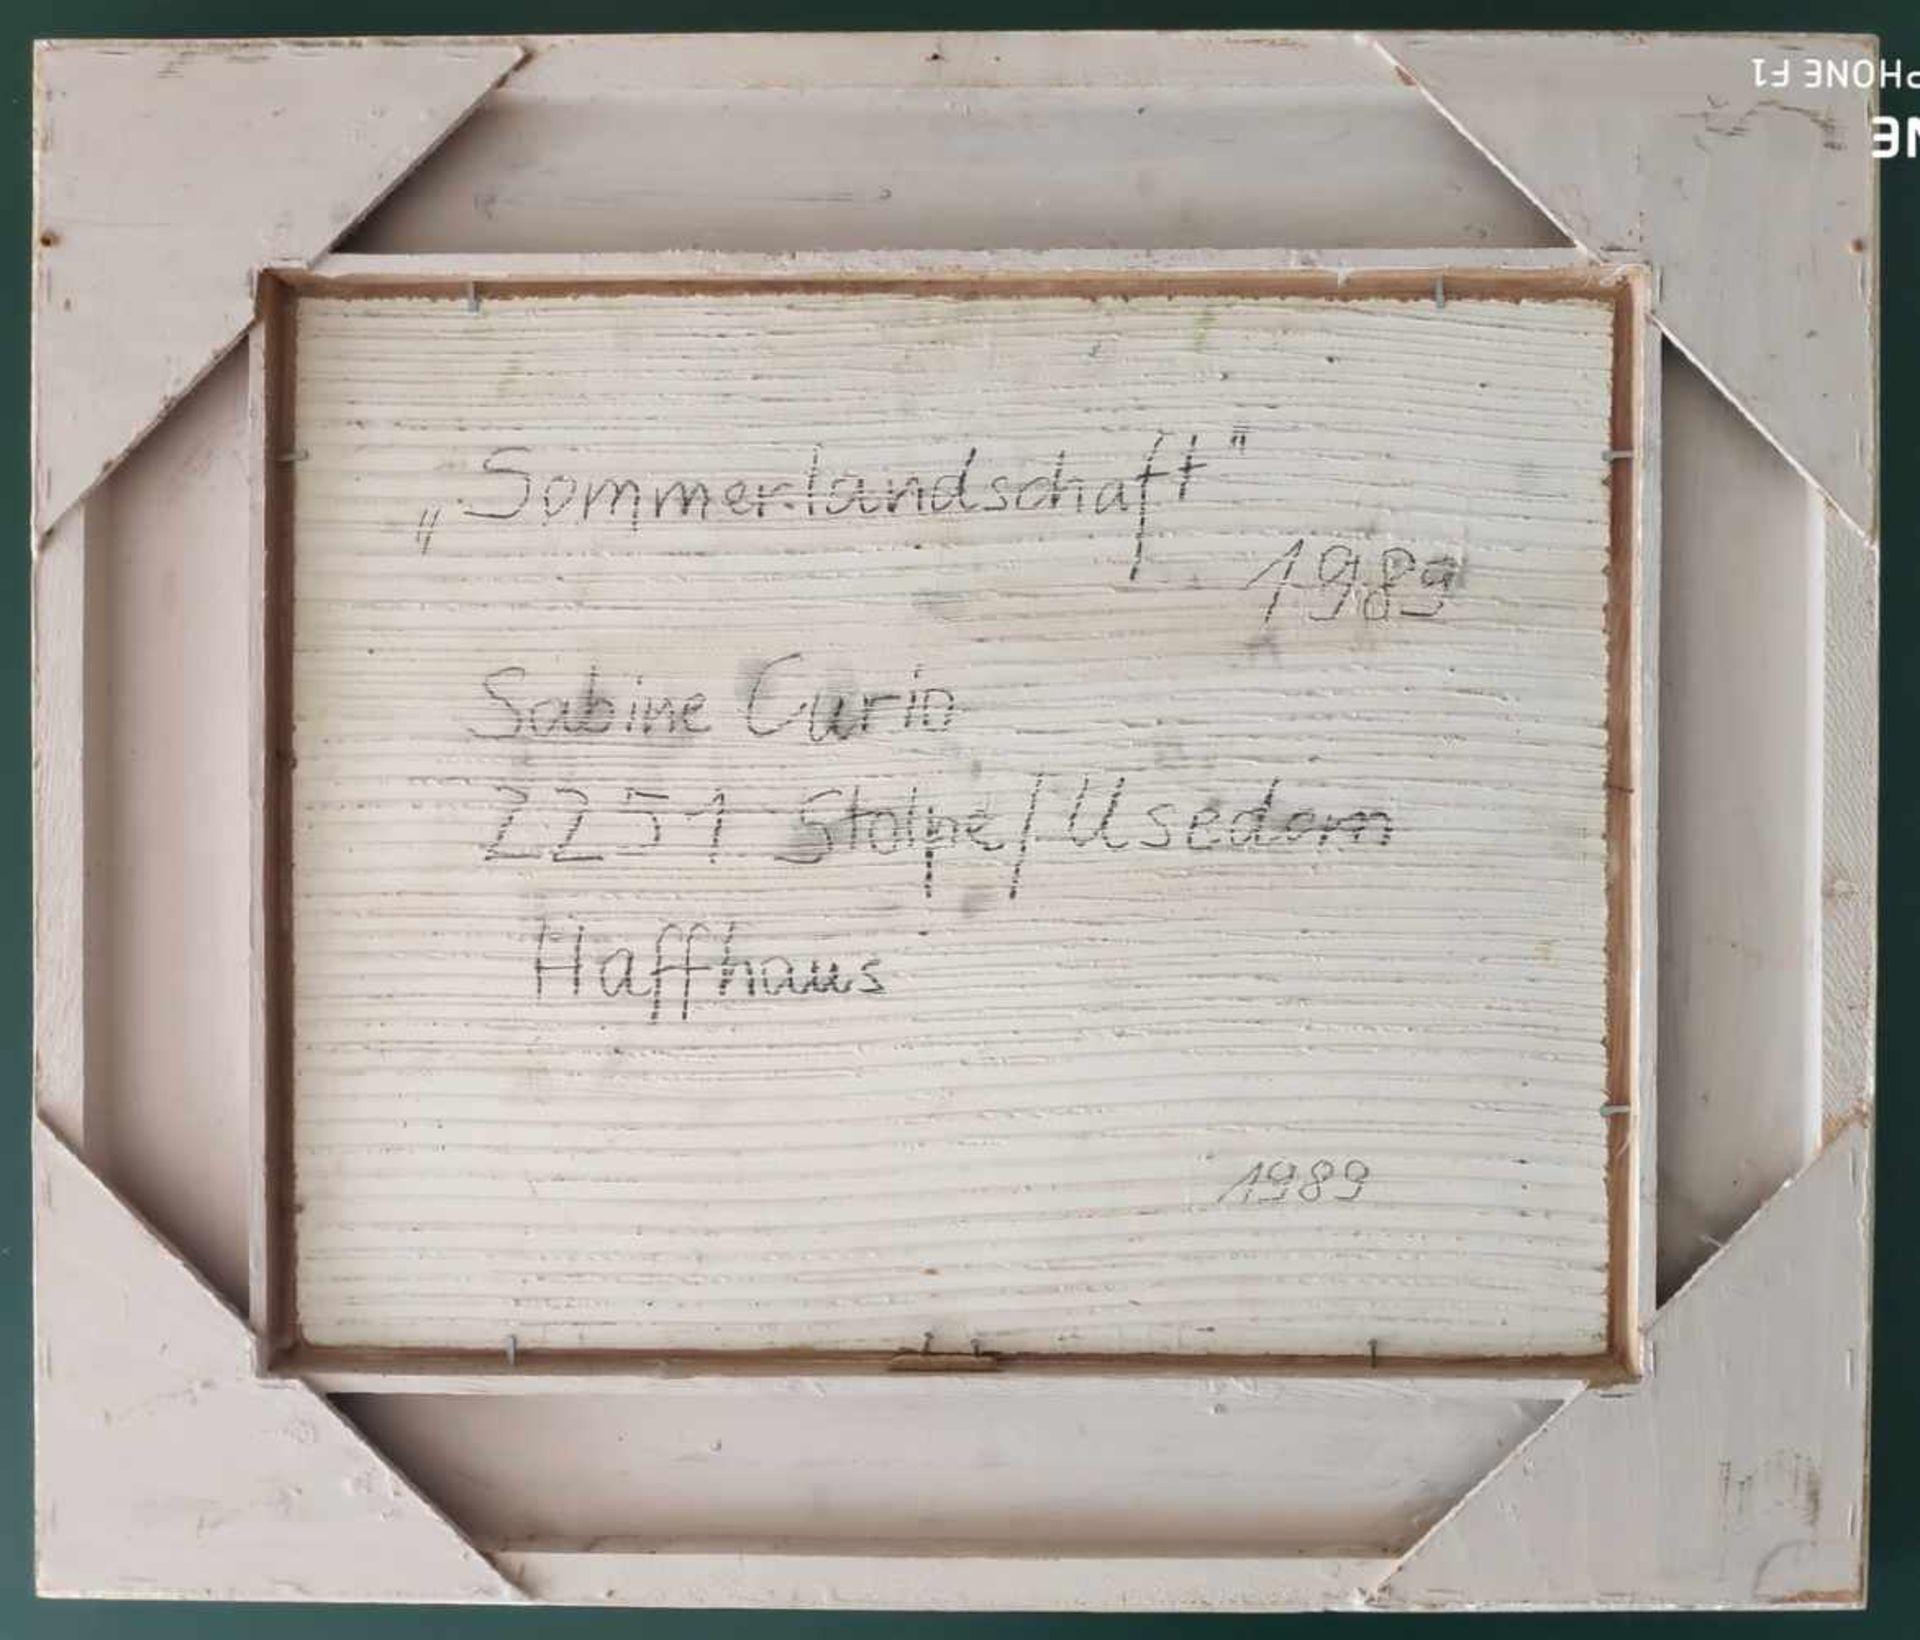 Curio, Sabine (1950 Ahlbeck, lebt in Stolpe auf Usedom) - Bild 5 aus 5